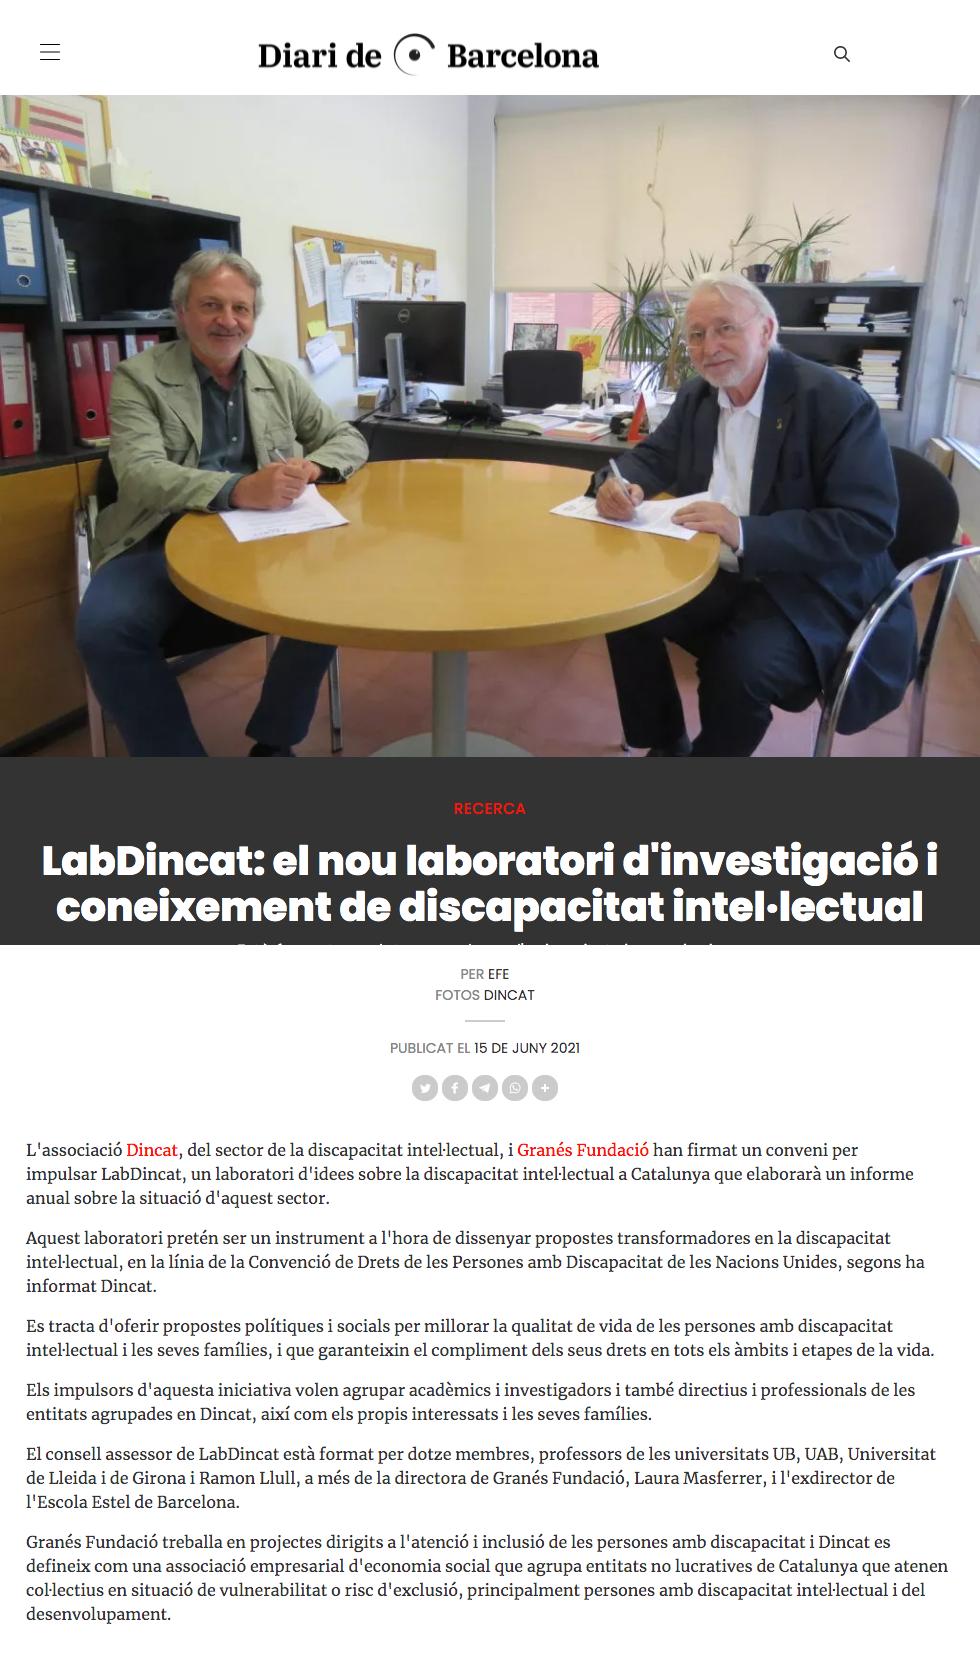 LabDincat: El Nou Laboratori D'investigació I Coneixement De Discapacitat Intel·lectual - Diari De Barcelona